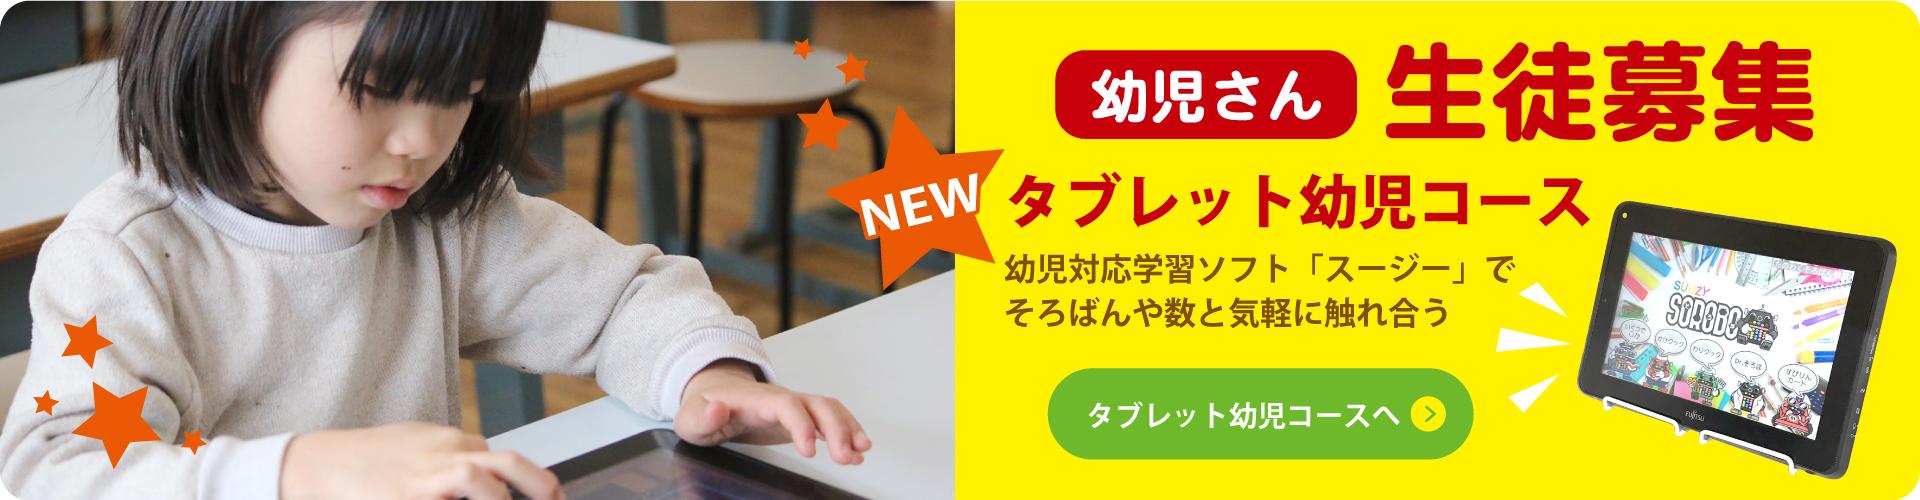 タブレット幼児コース生徒募集!!これからの幼児教育はそろばんで決まり!幼少期から頭脳の基礎を作る「脳育」で一生の財産をお子様に!!